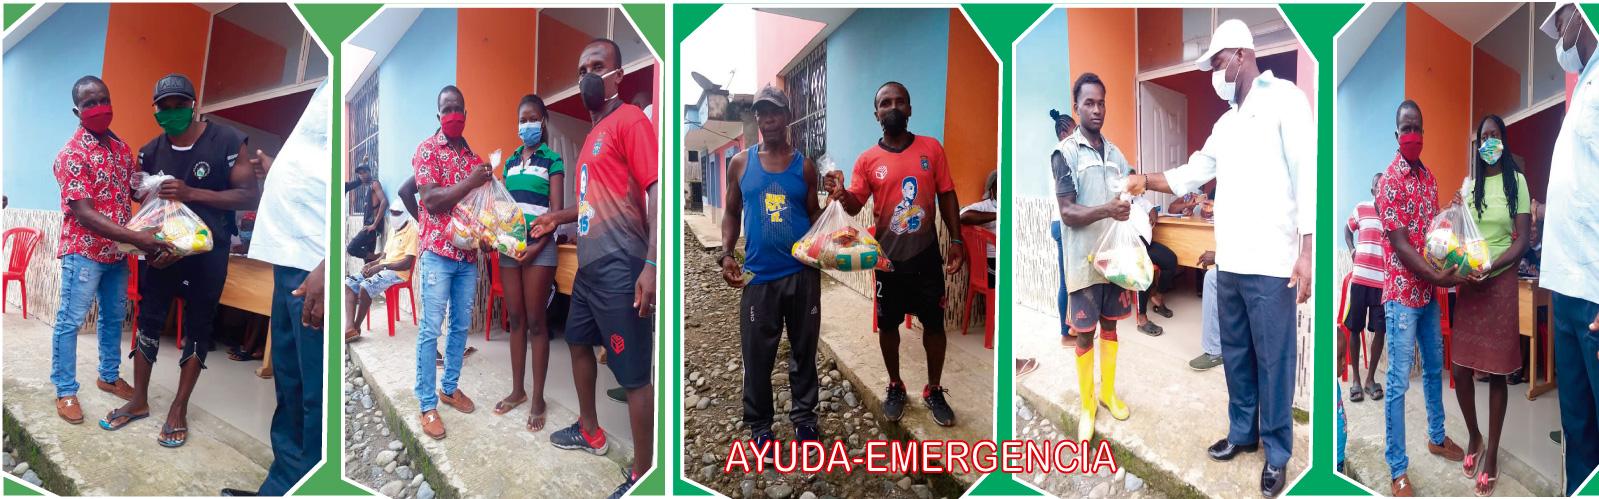 AYUDA-EMERGENCIA.jpg